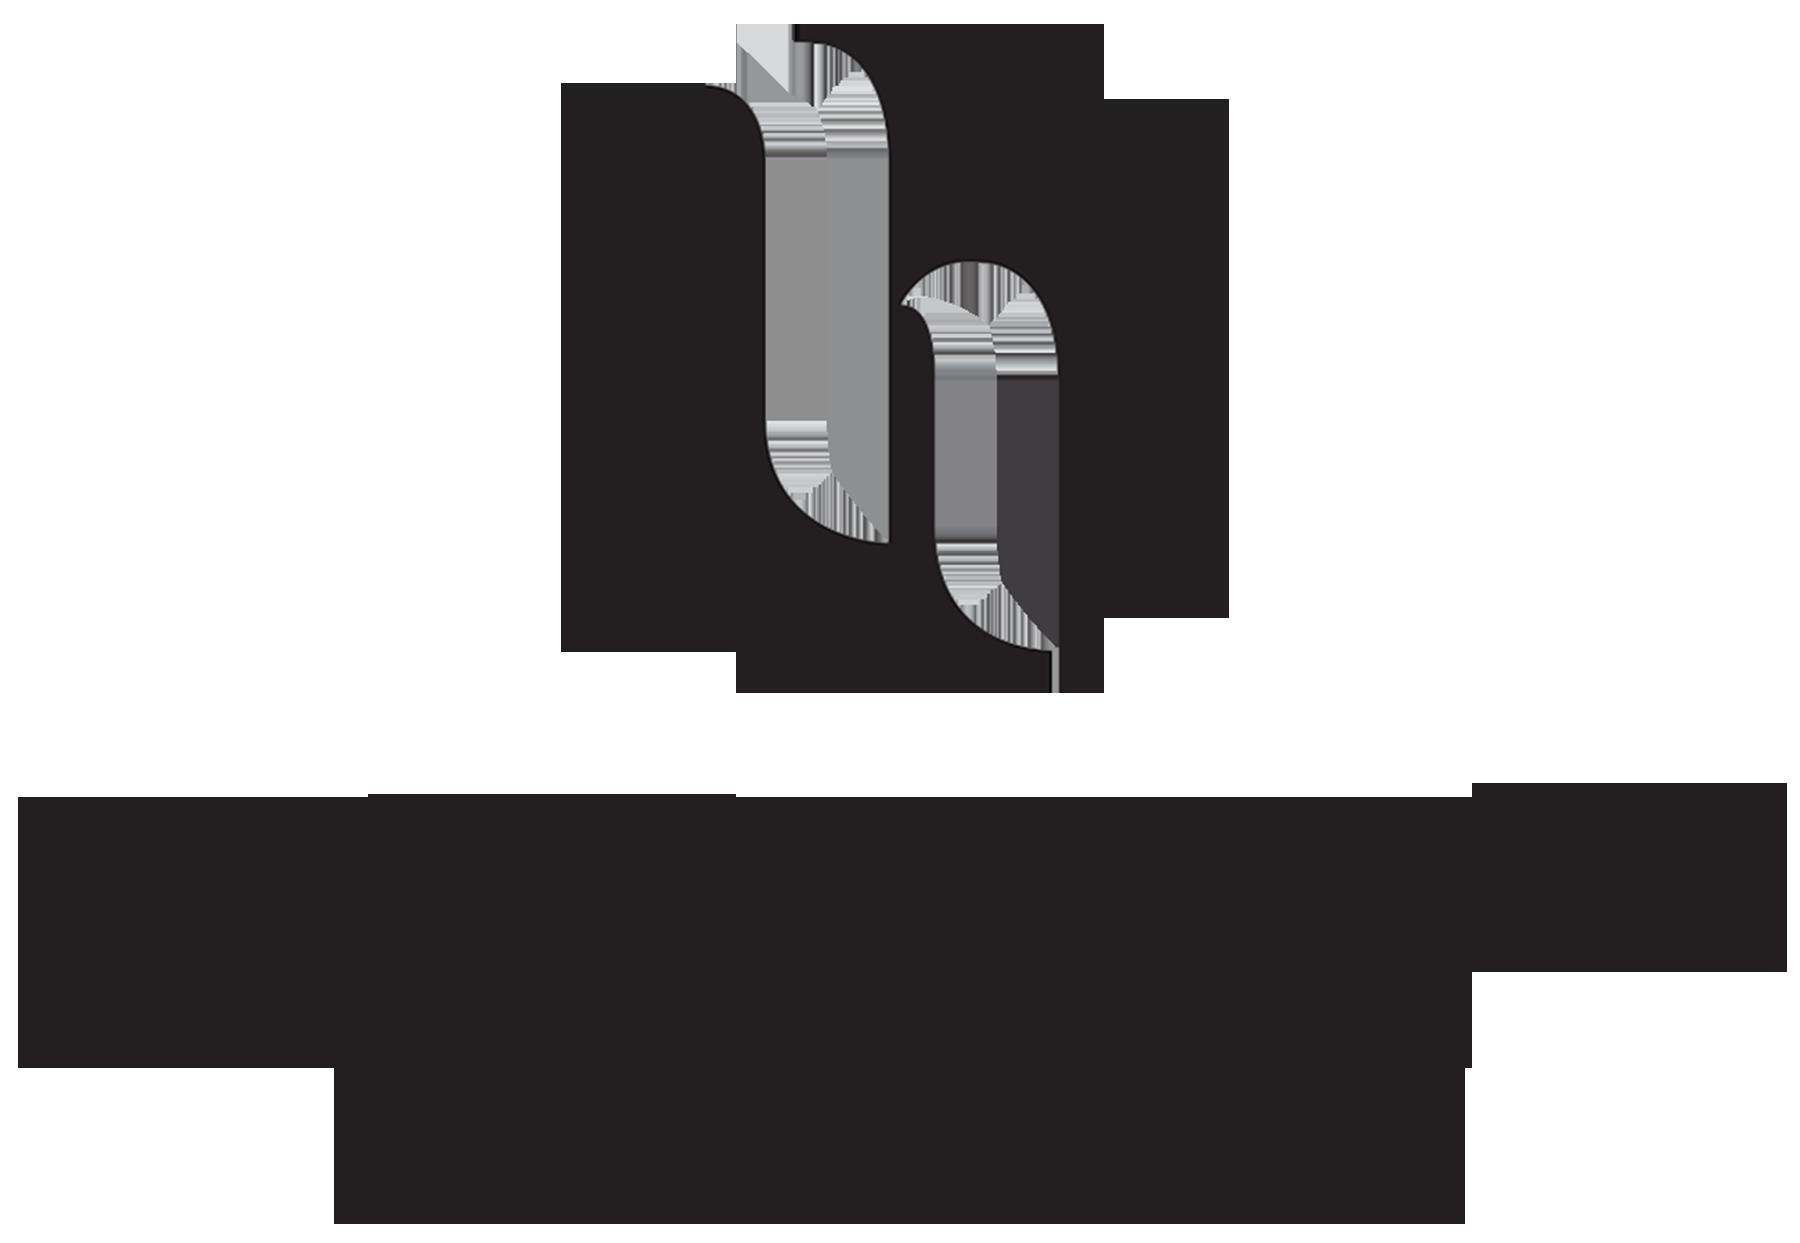 Hilde Hemmes' Herbals